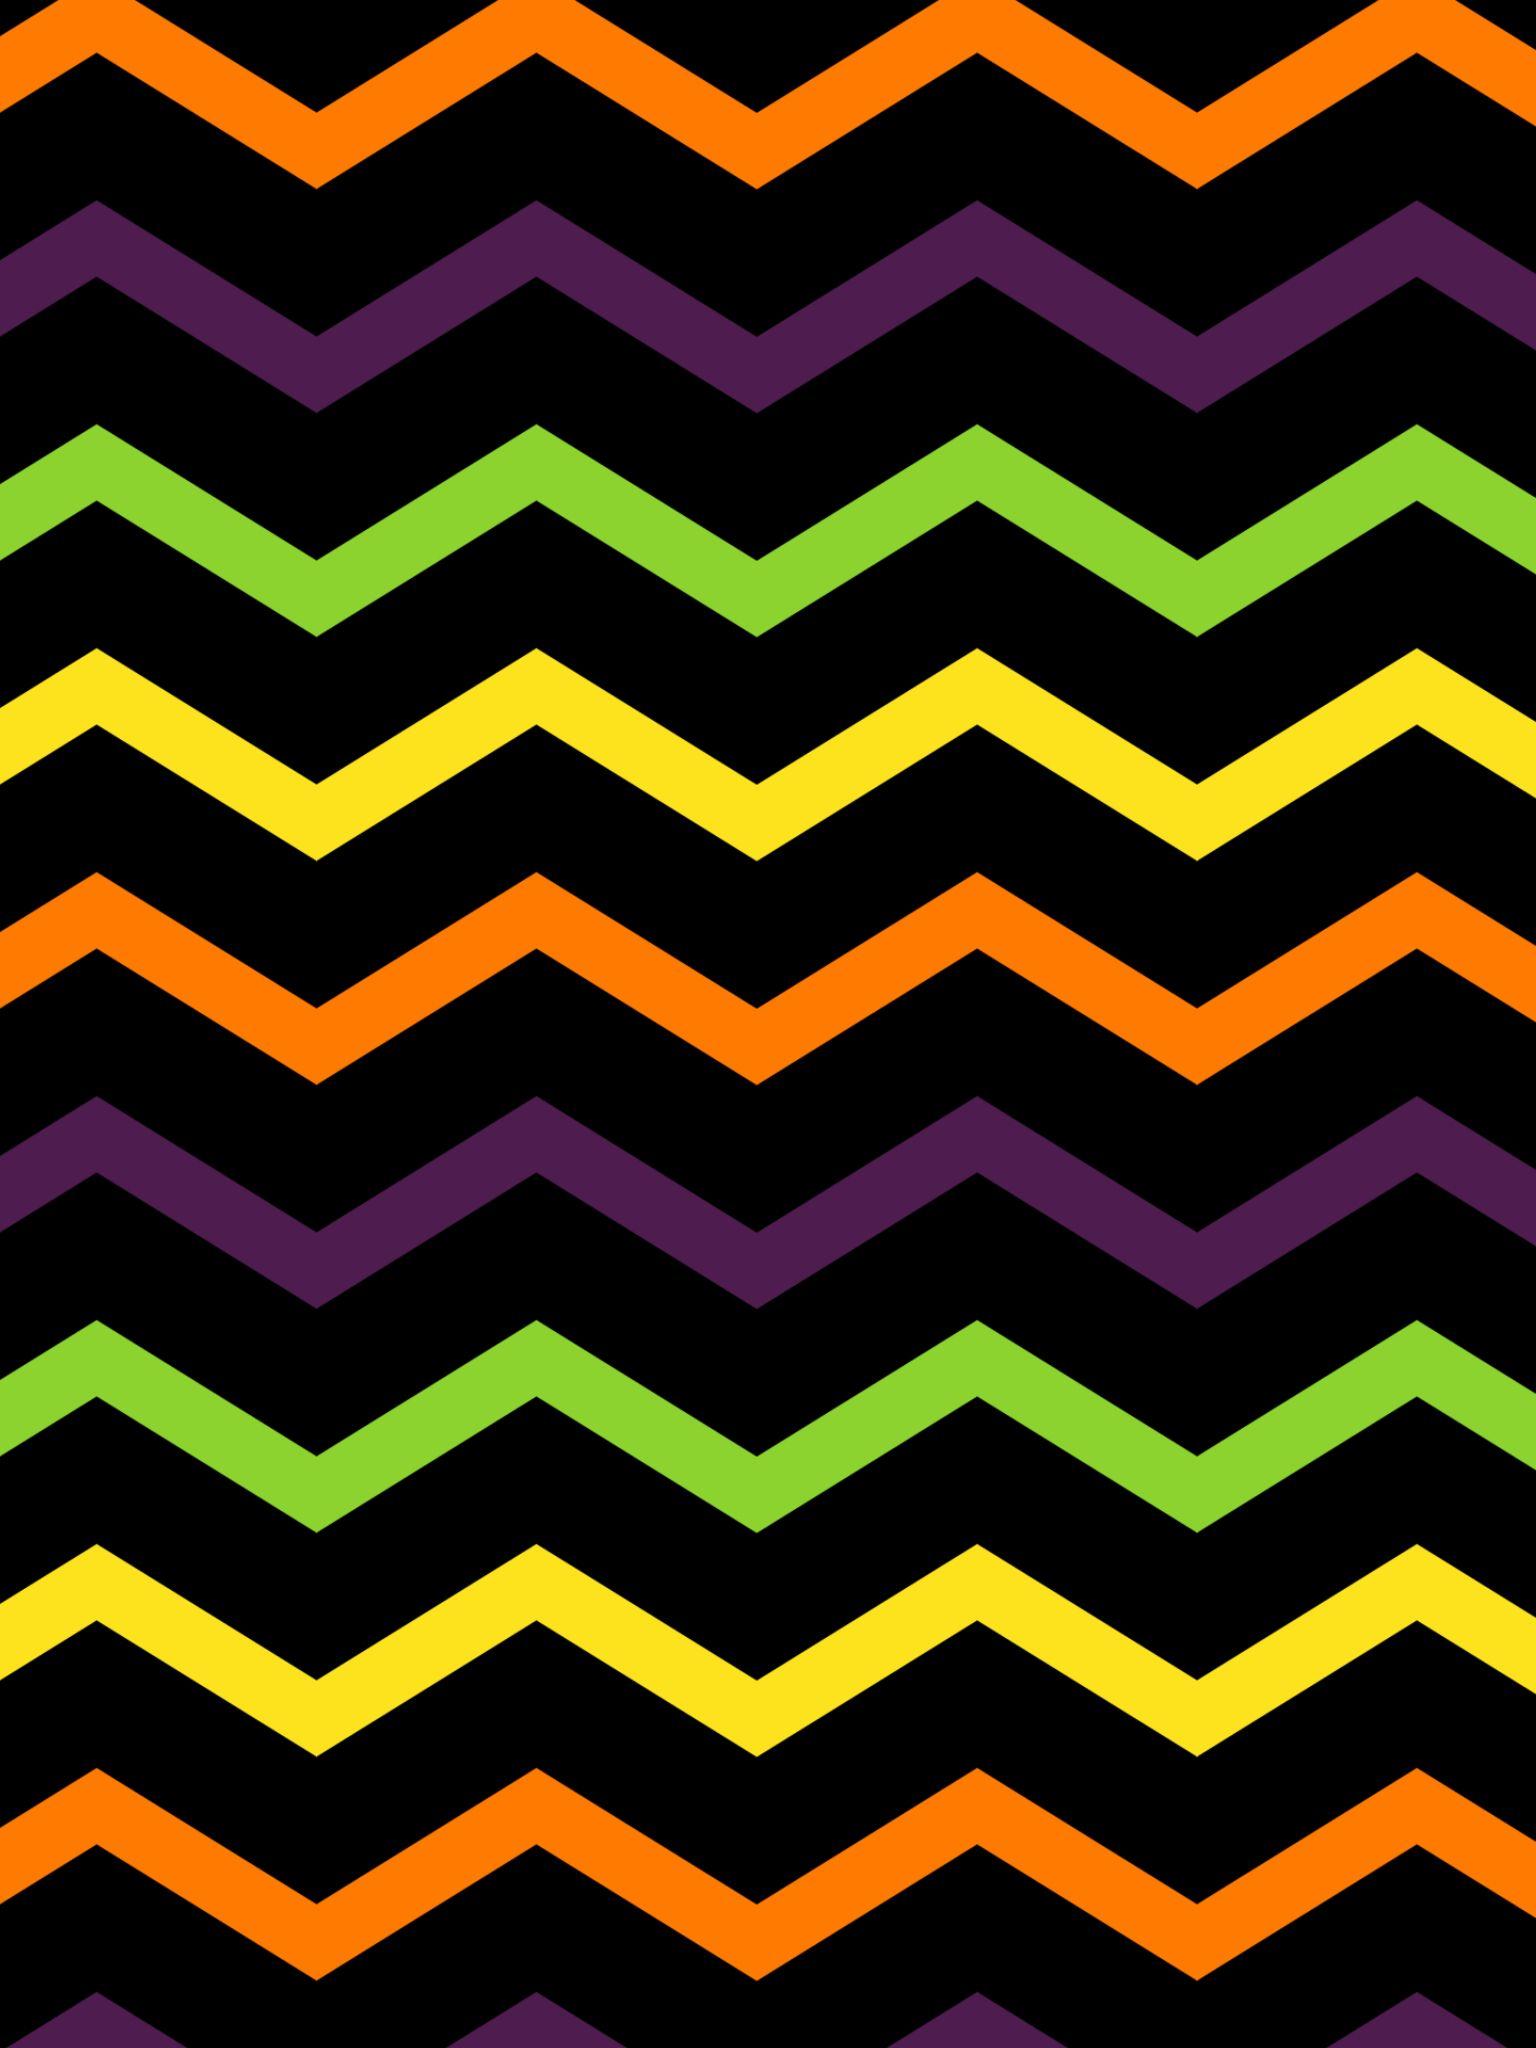 Halloween wallpaper iwalpaper Pinterest Wallpaper